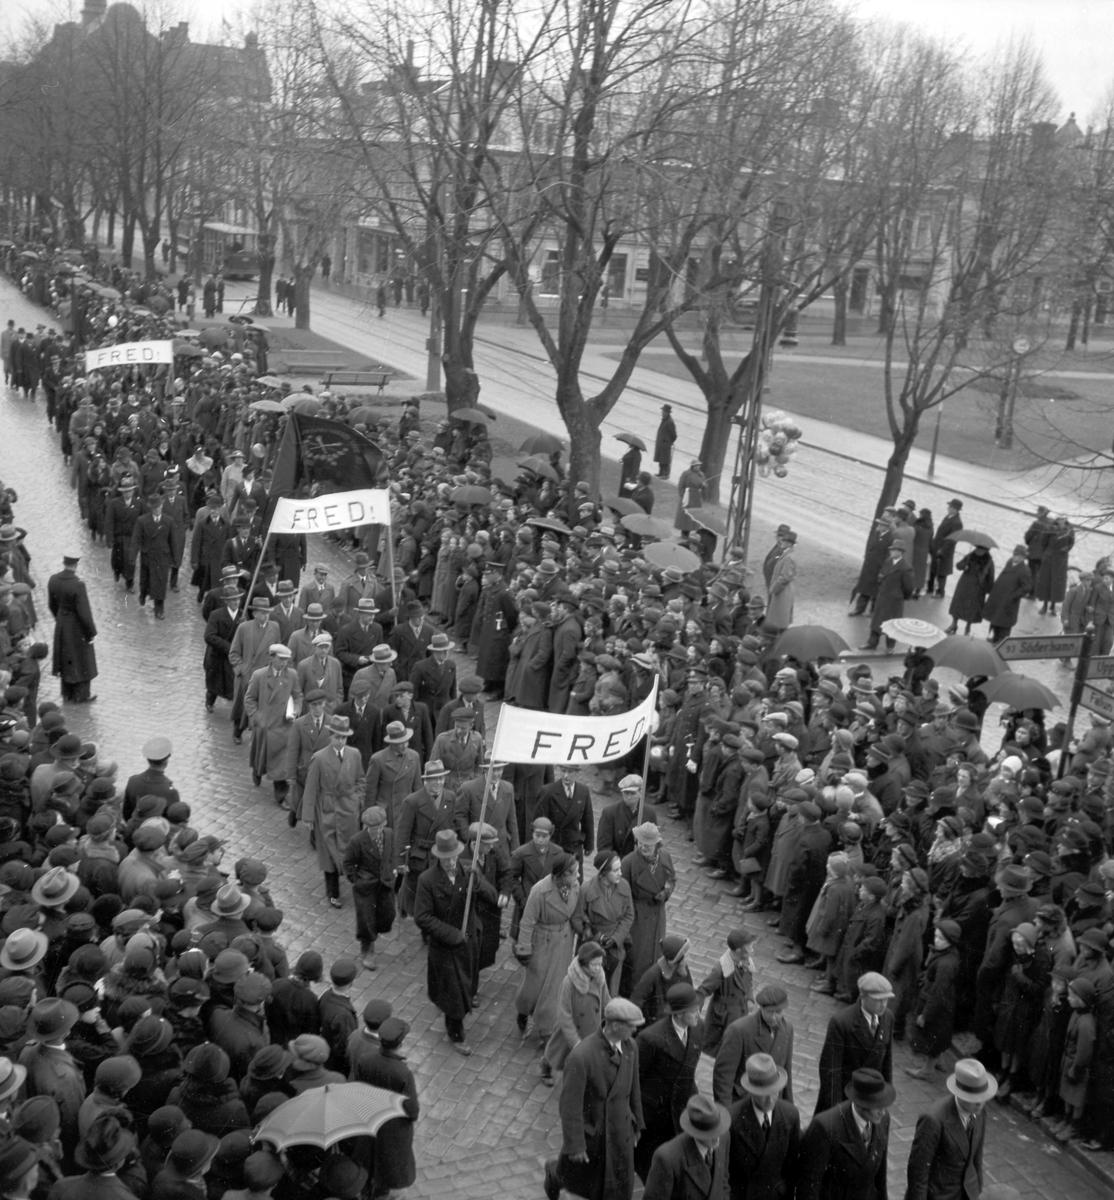 Första majdemonstration på Nygatan. Den 1 maj 1936. Reportage för Arbetarbladet